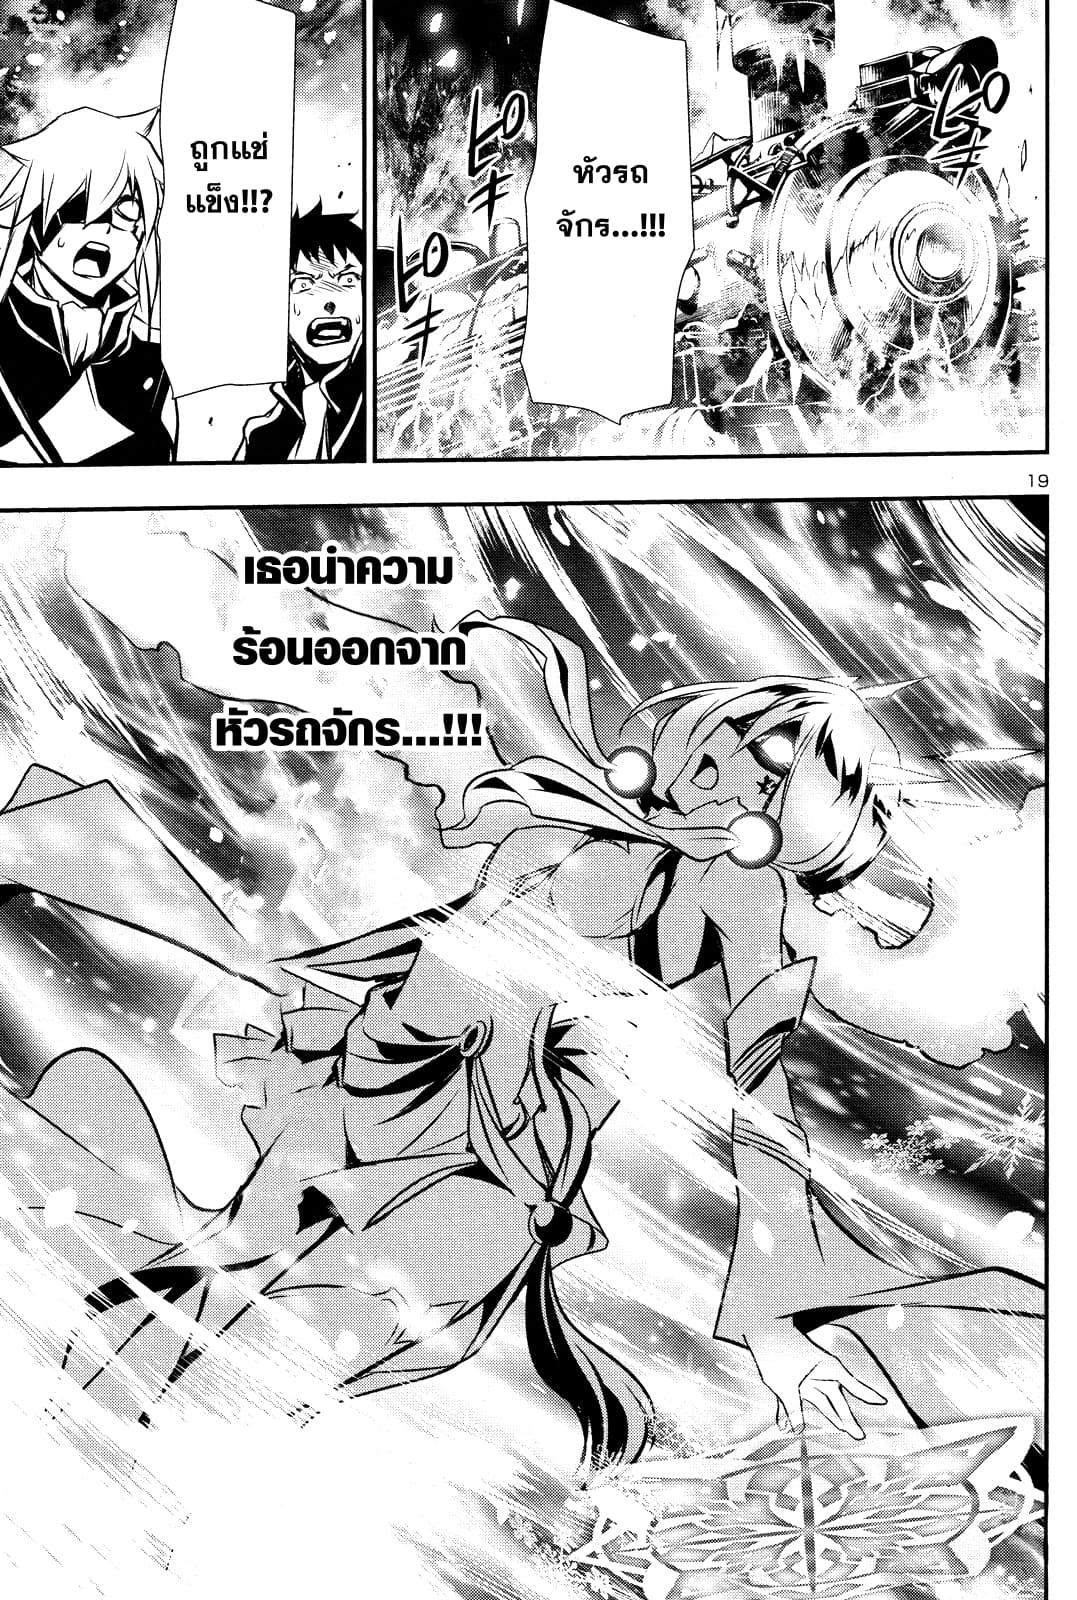 อ่านการ์ตูน Shinju no Nectar ตอนที่ 12 หน้าที่ 19